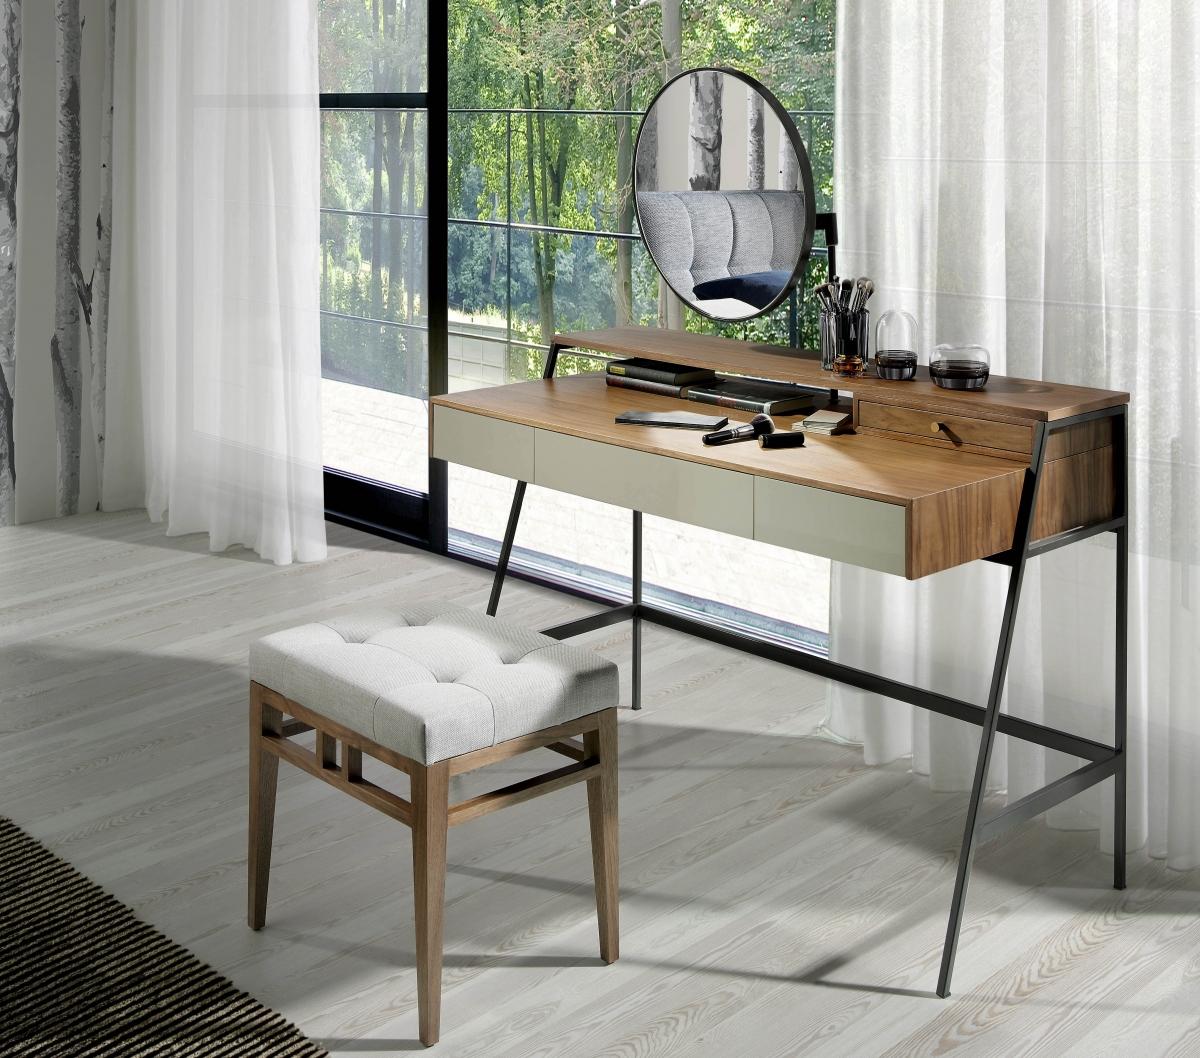 Особенности интерьера комнаты с дизайнерским туалетным столиком